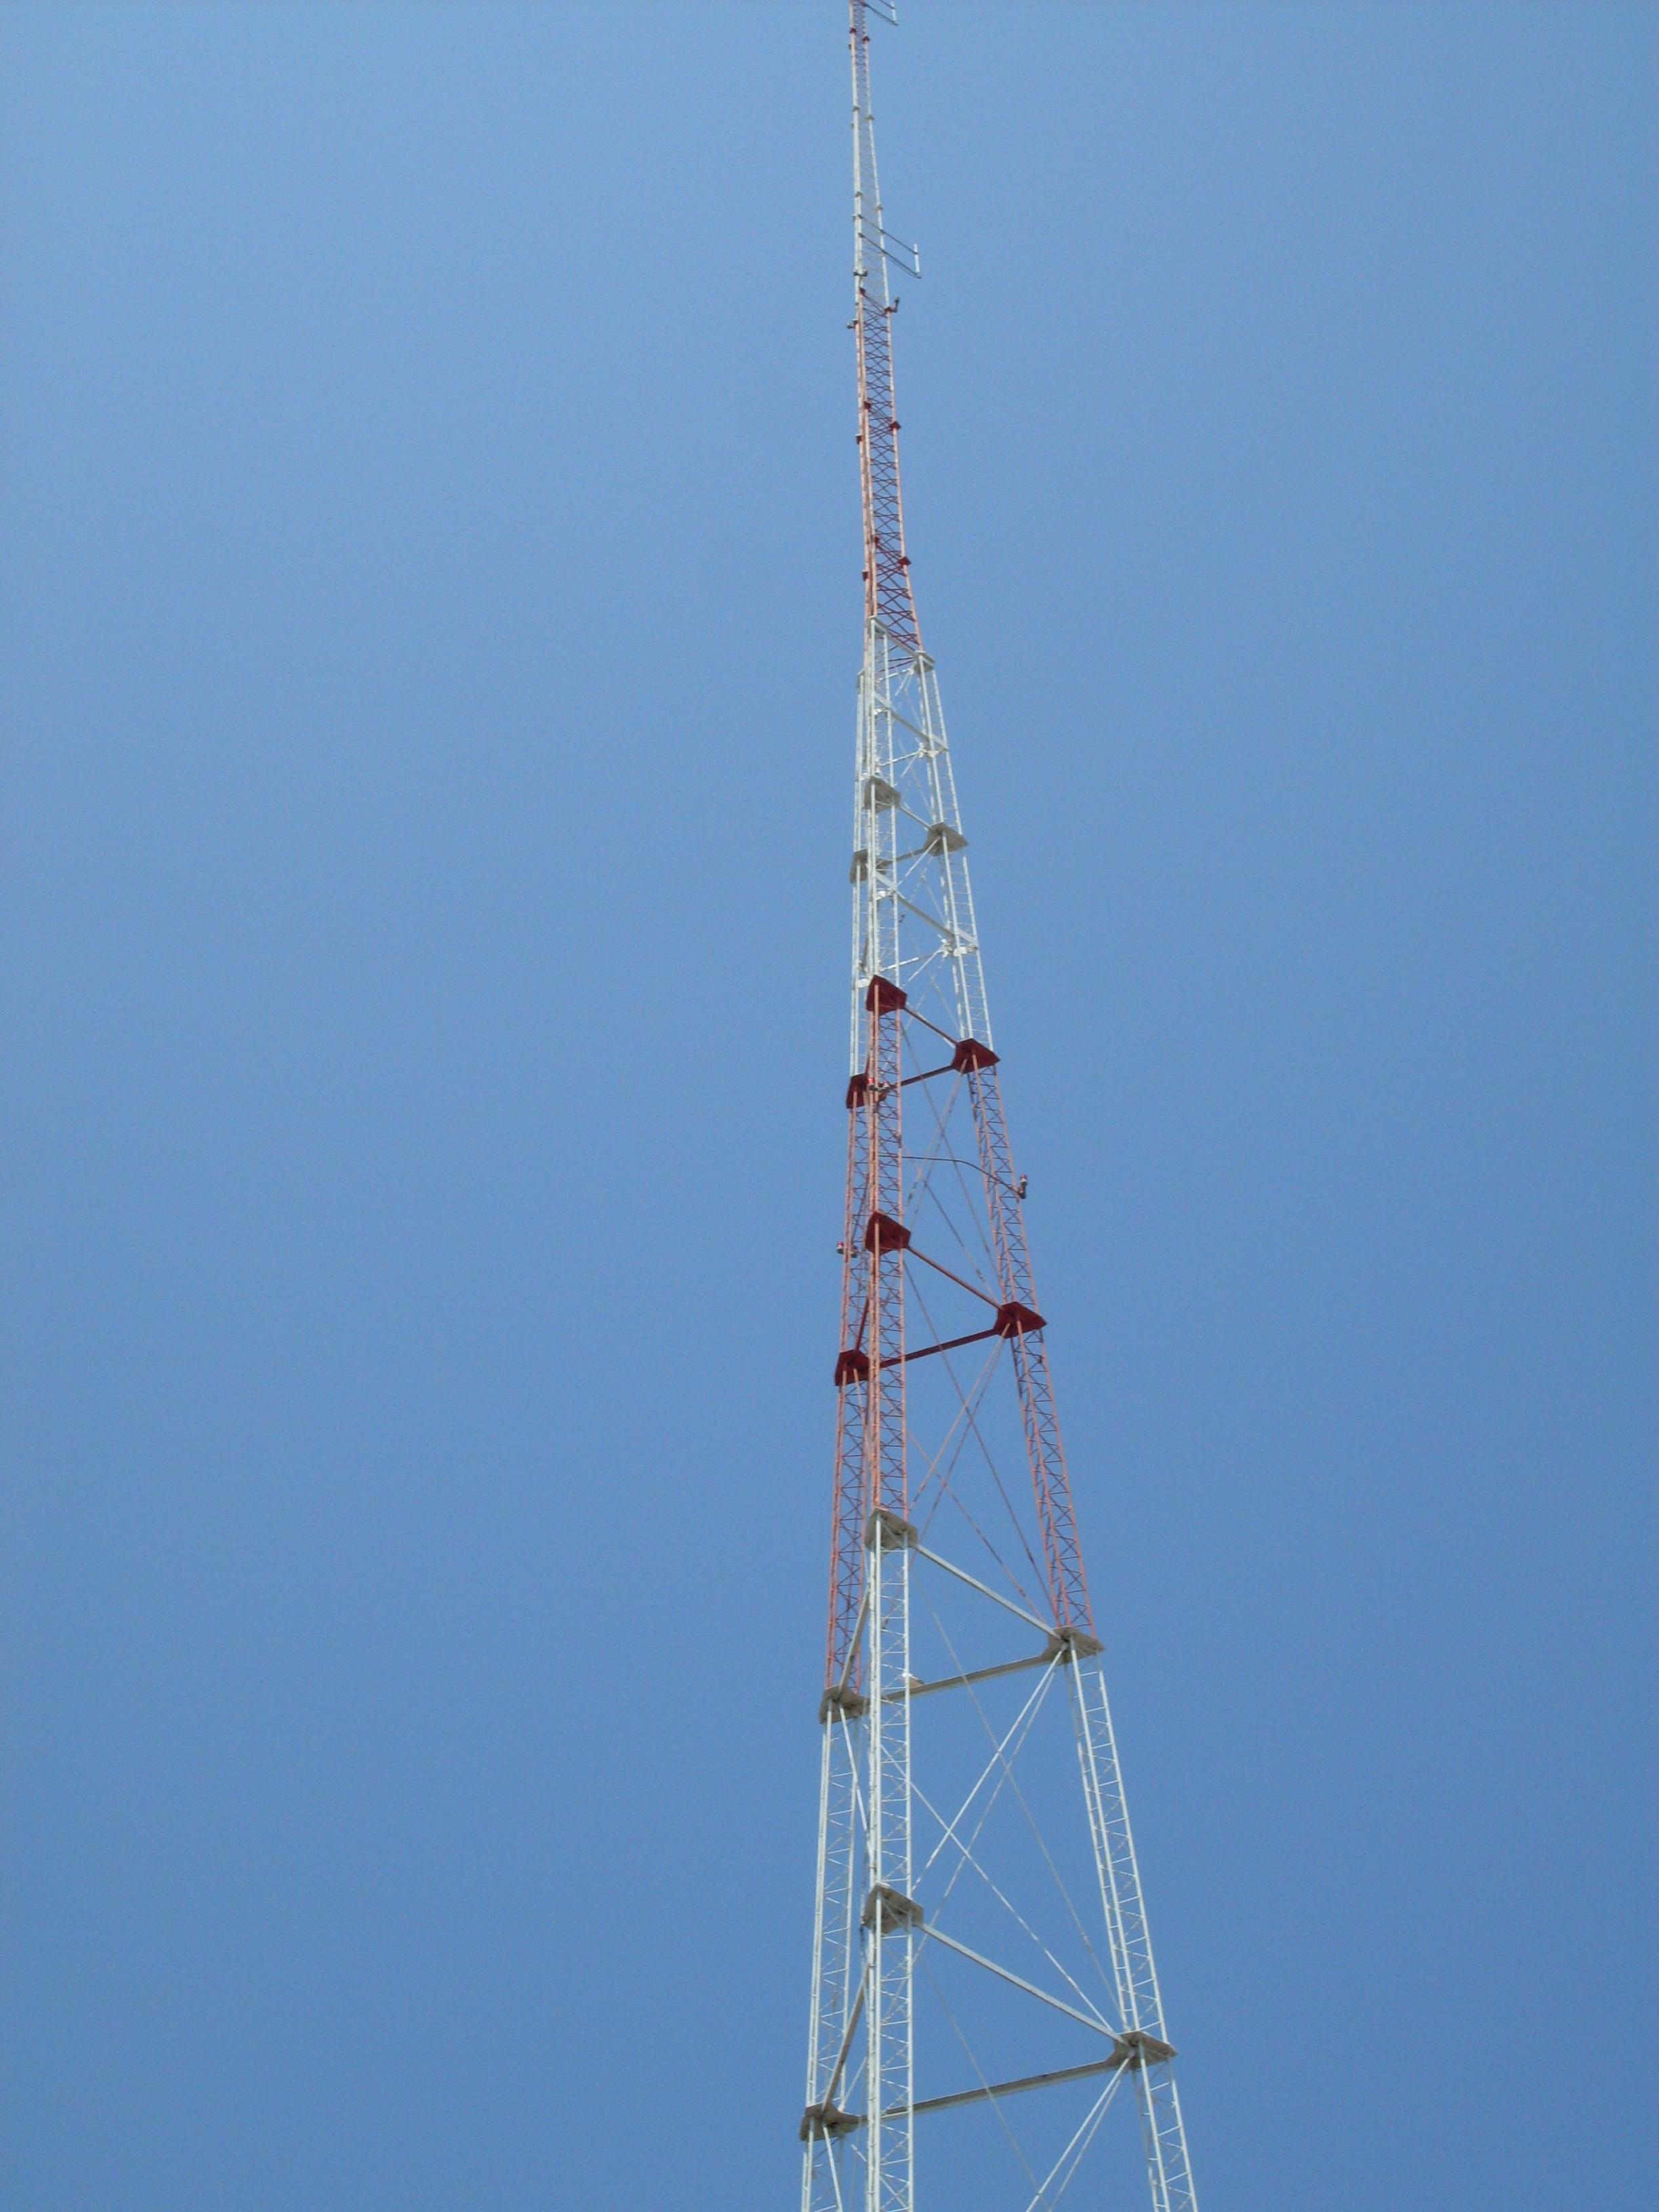 KSFO Transmitter Tower